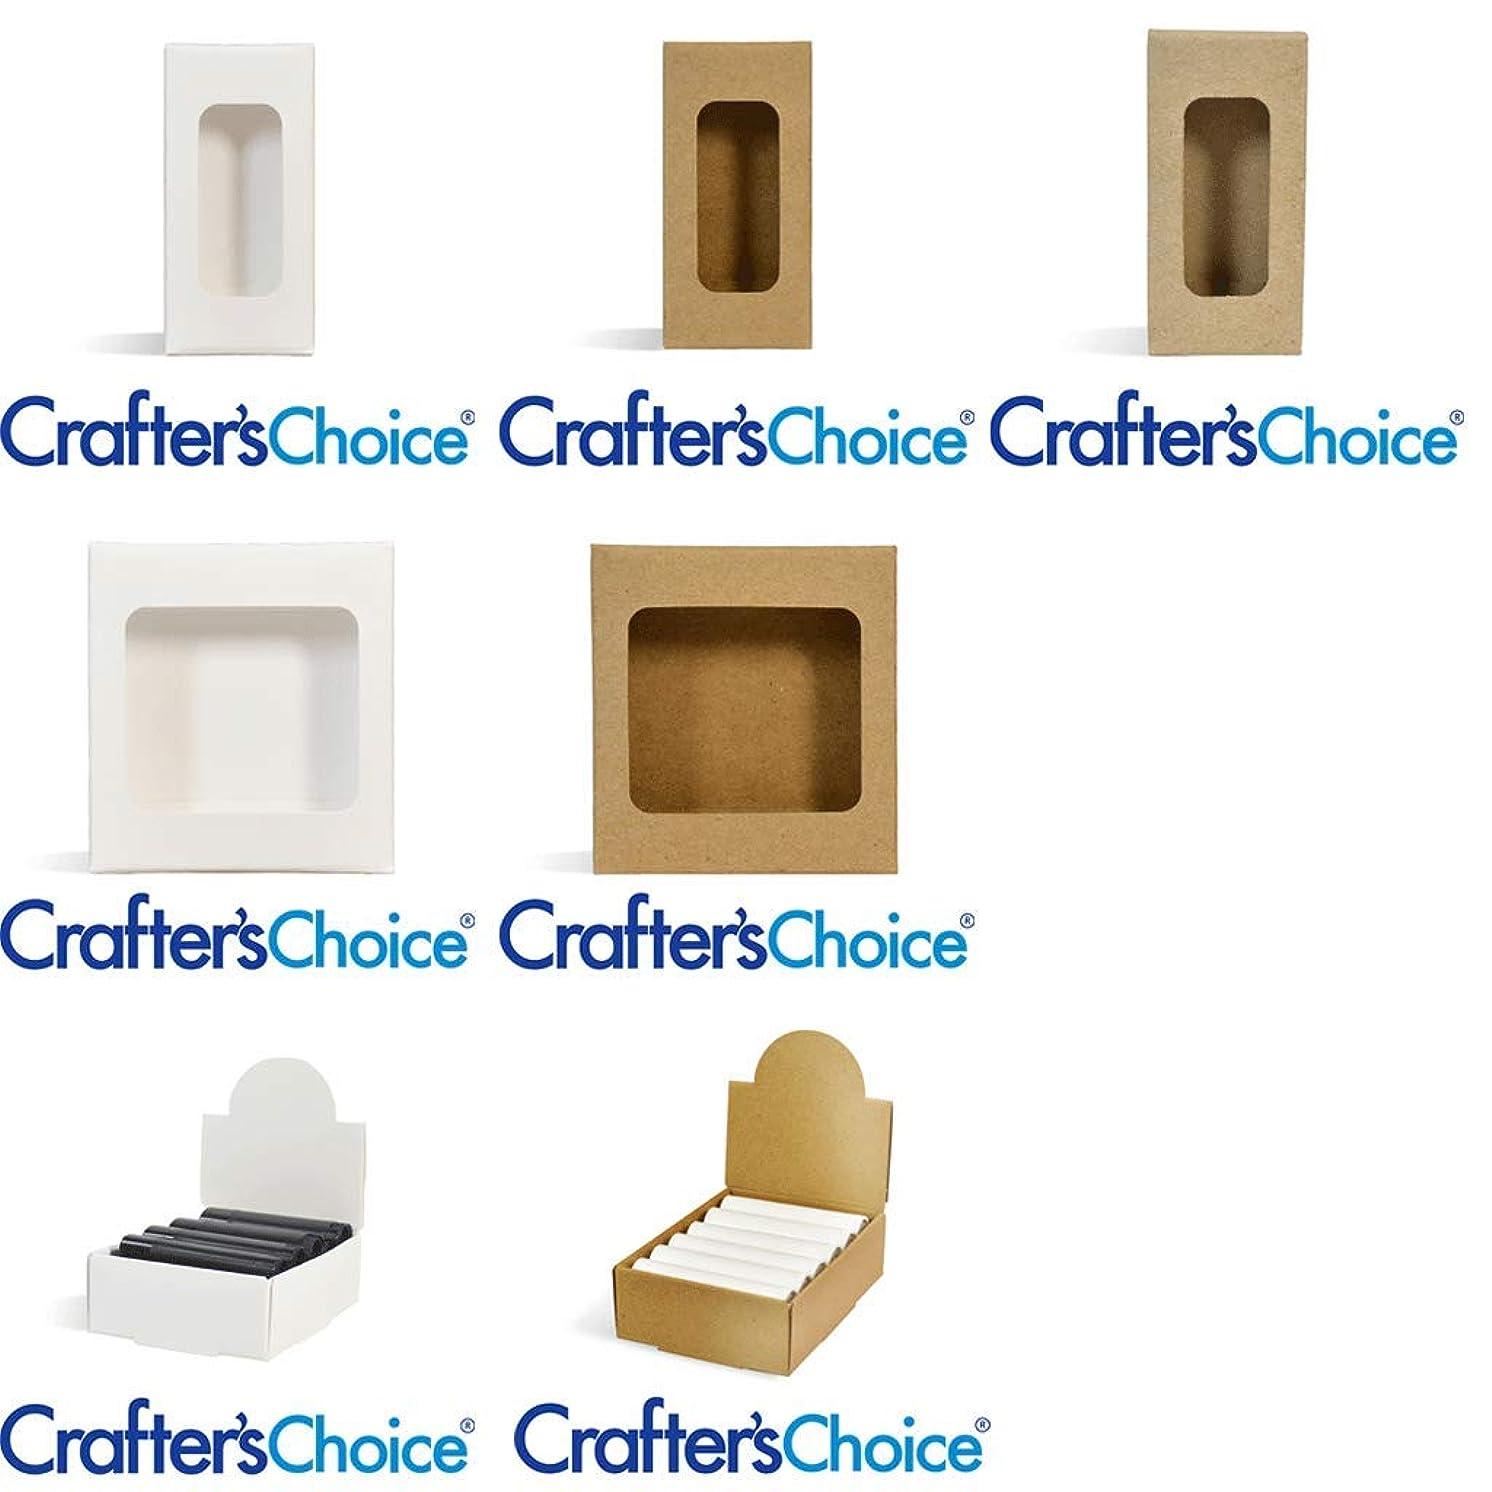 14 Box Crafter's Choice Lip Tube Box Sample Set - Natural - Oatmeal - White - Kraft - Display Boxes - 14 Box Variety Pack!